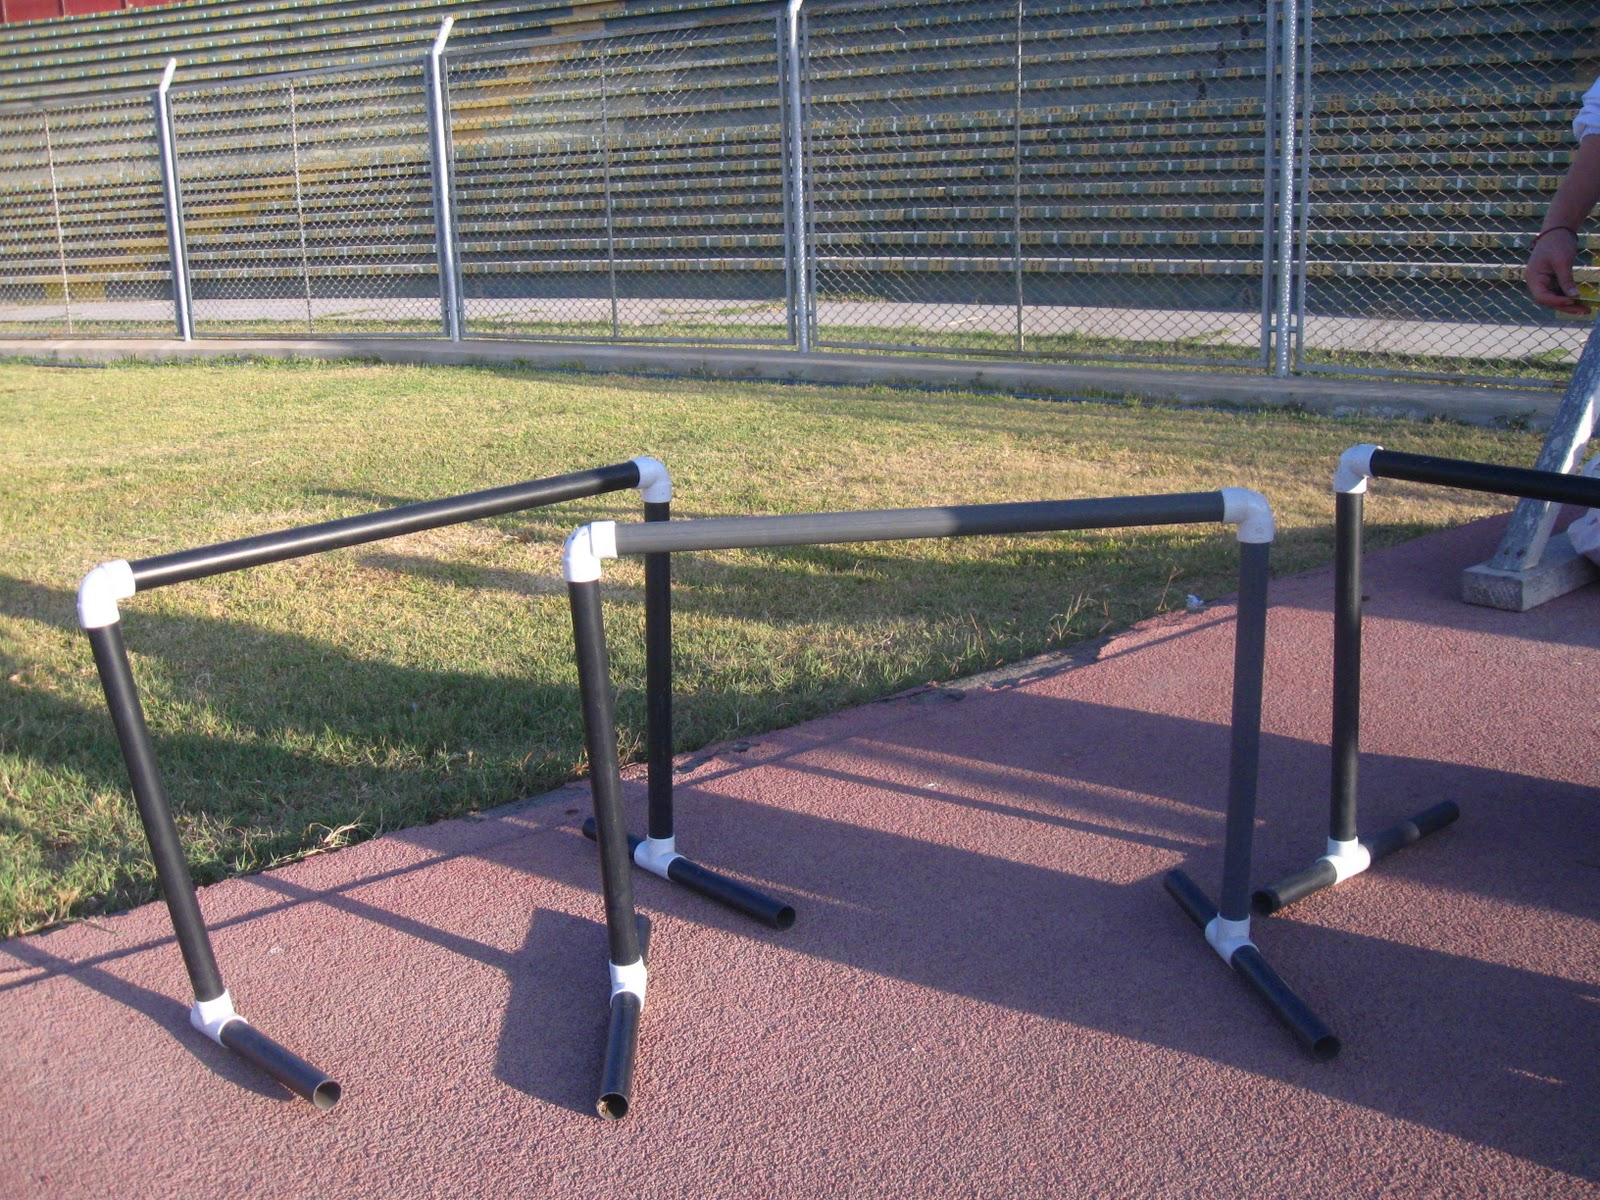 Construcci n de materiales deportivos con productos - Medidas tubos pvc ...